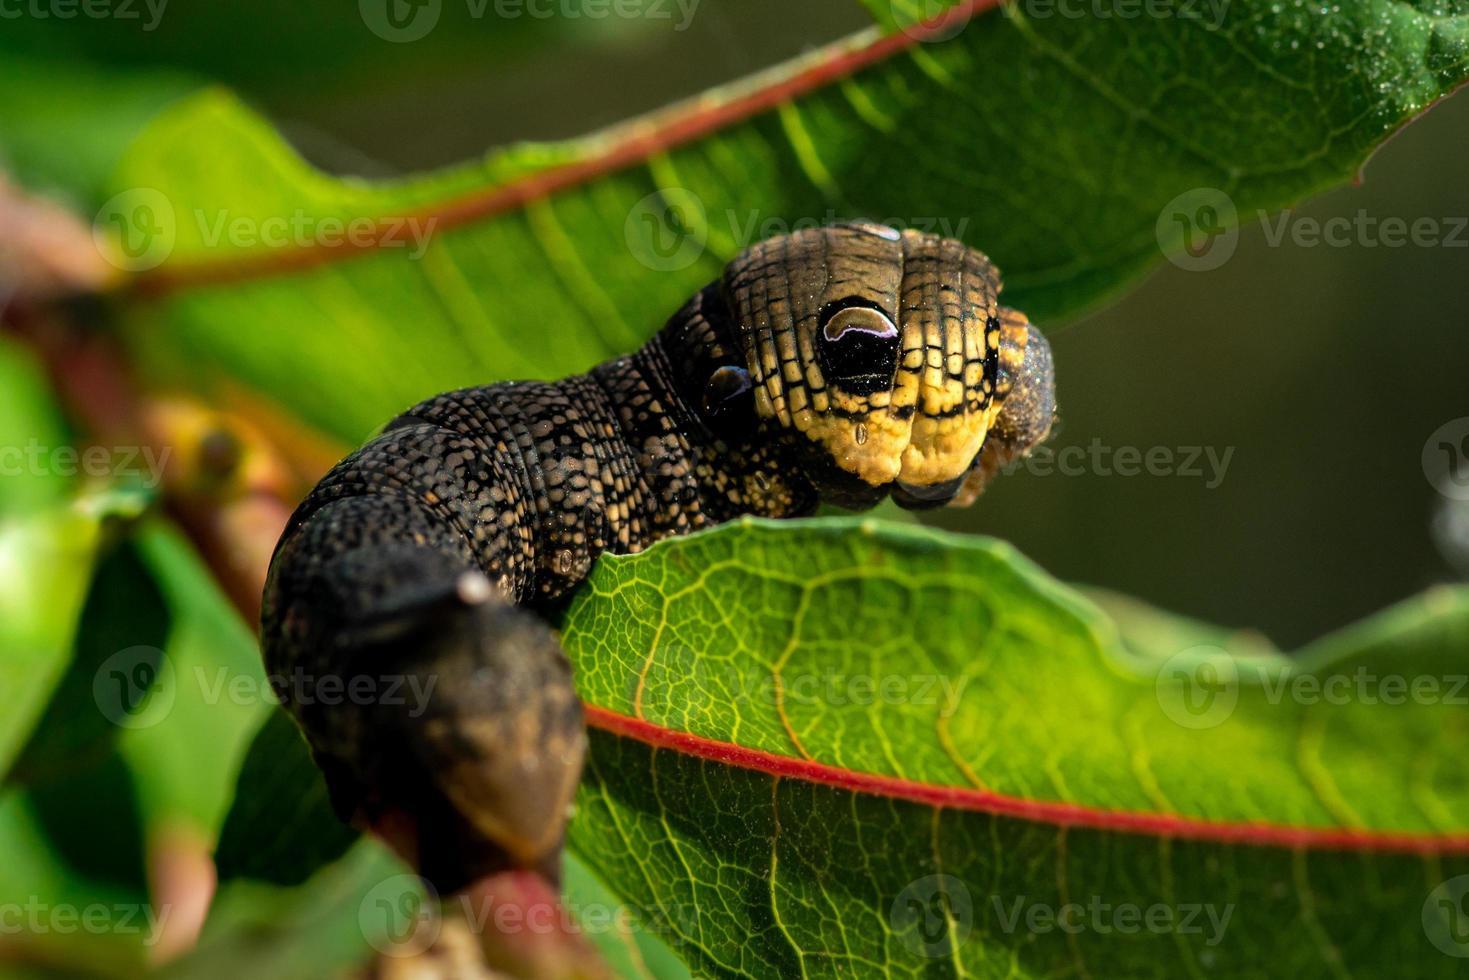 Cerca de una gran oruga arrastrándose entre hojas verdes foto